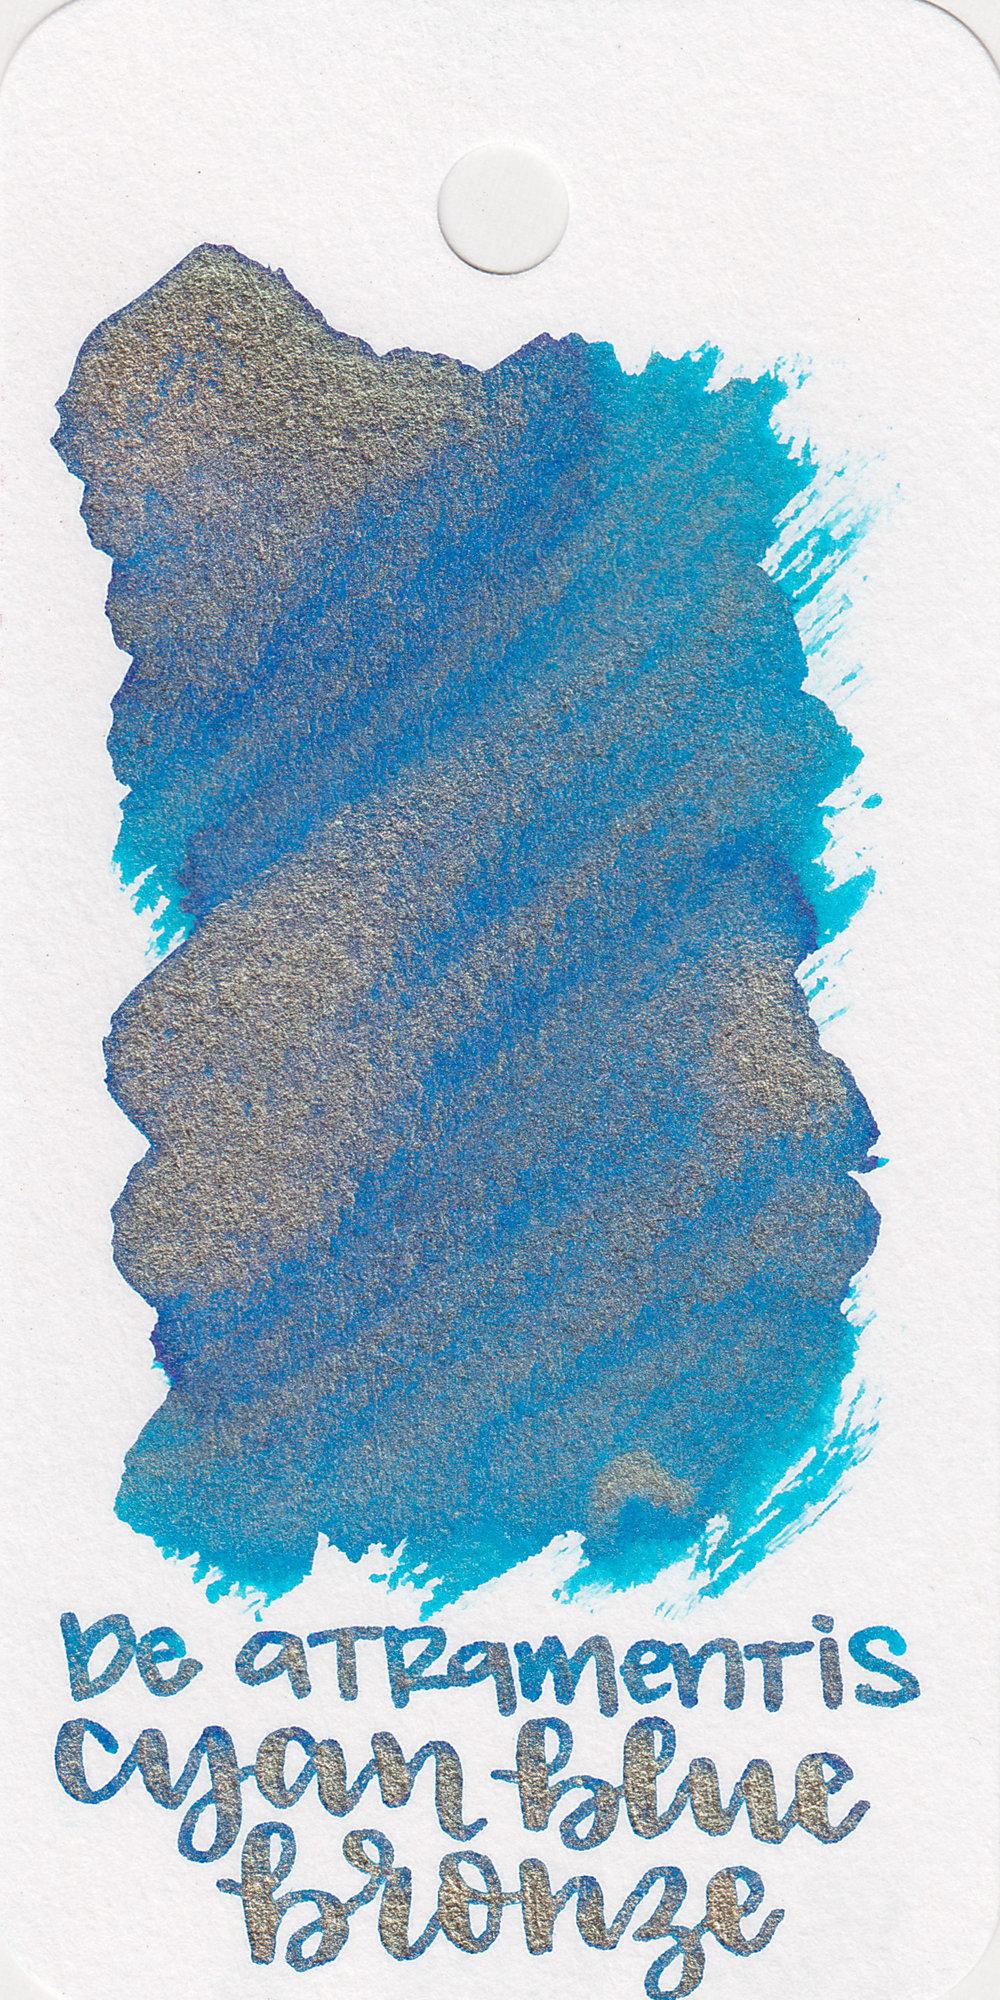 da-cyan-blue-bronze-1.jpg